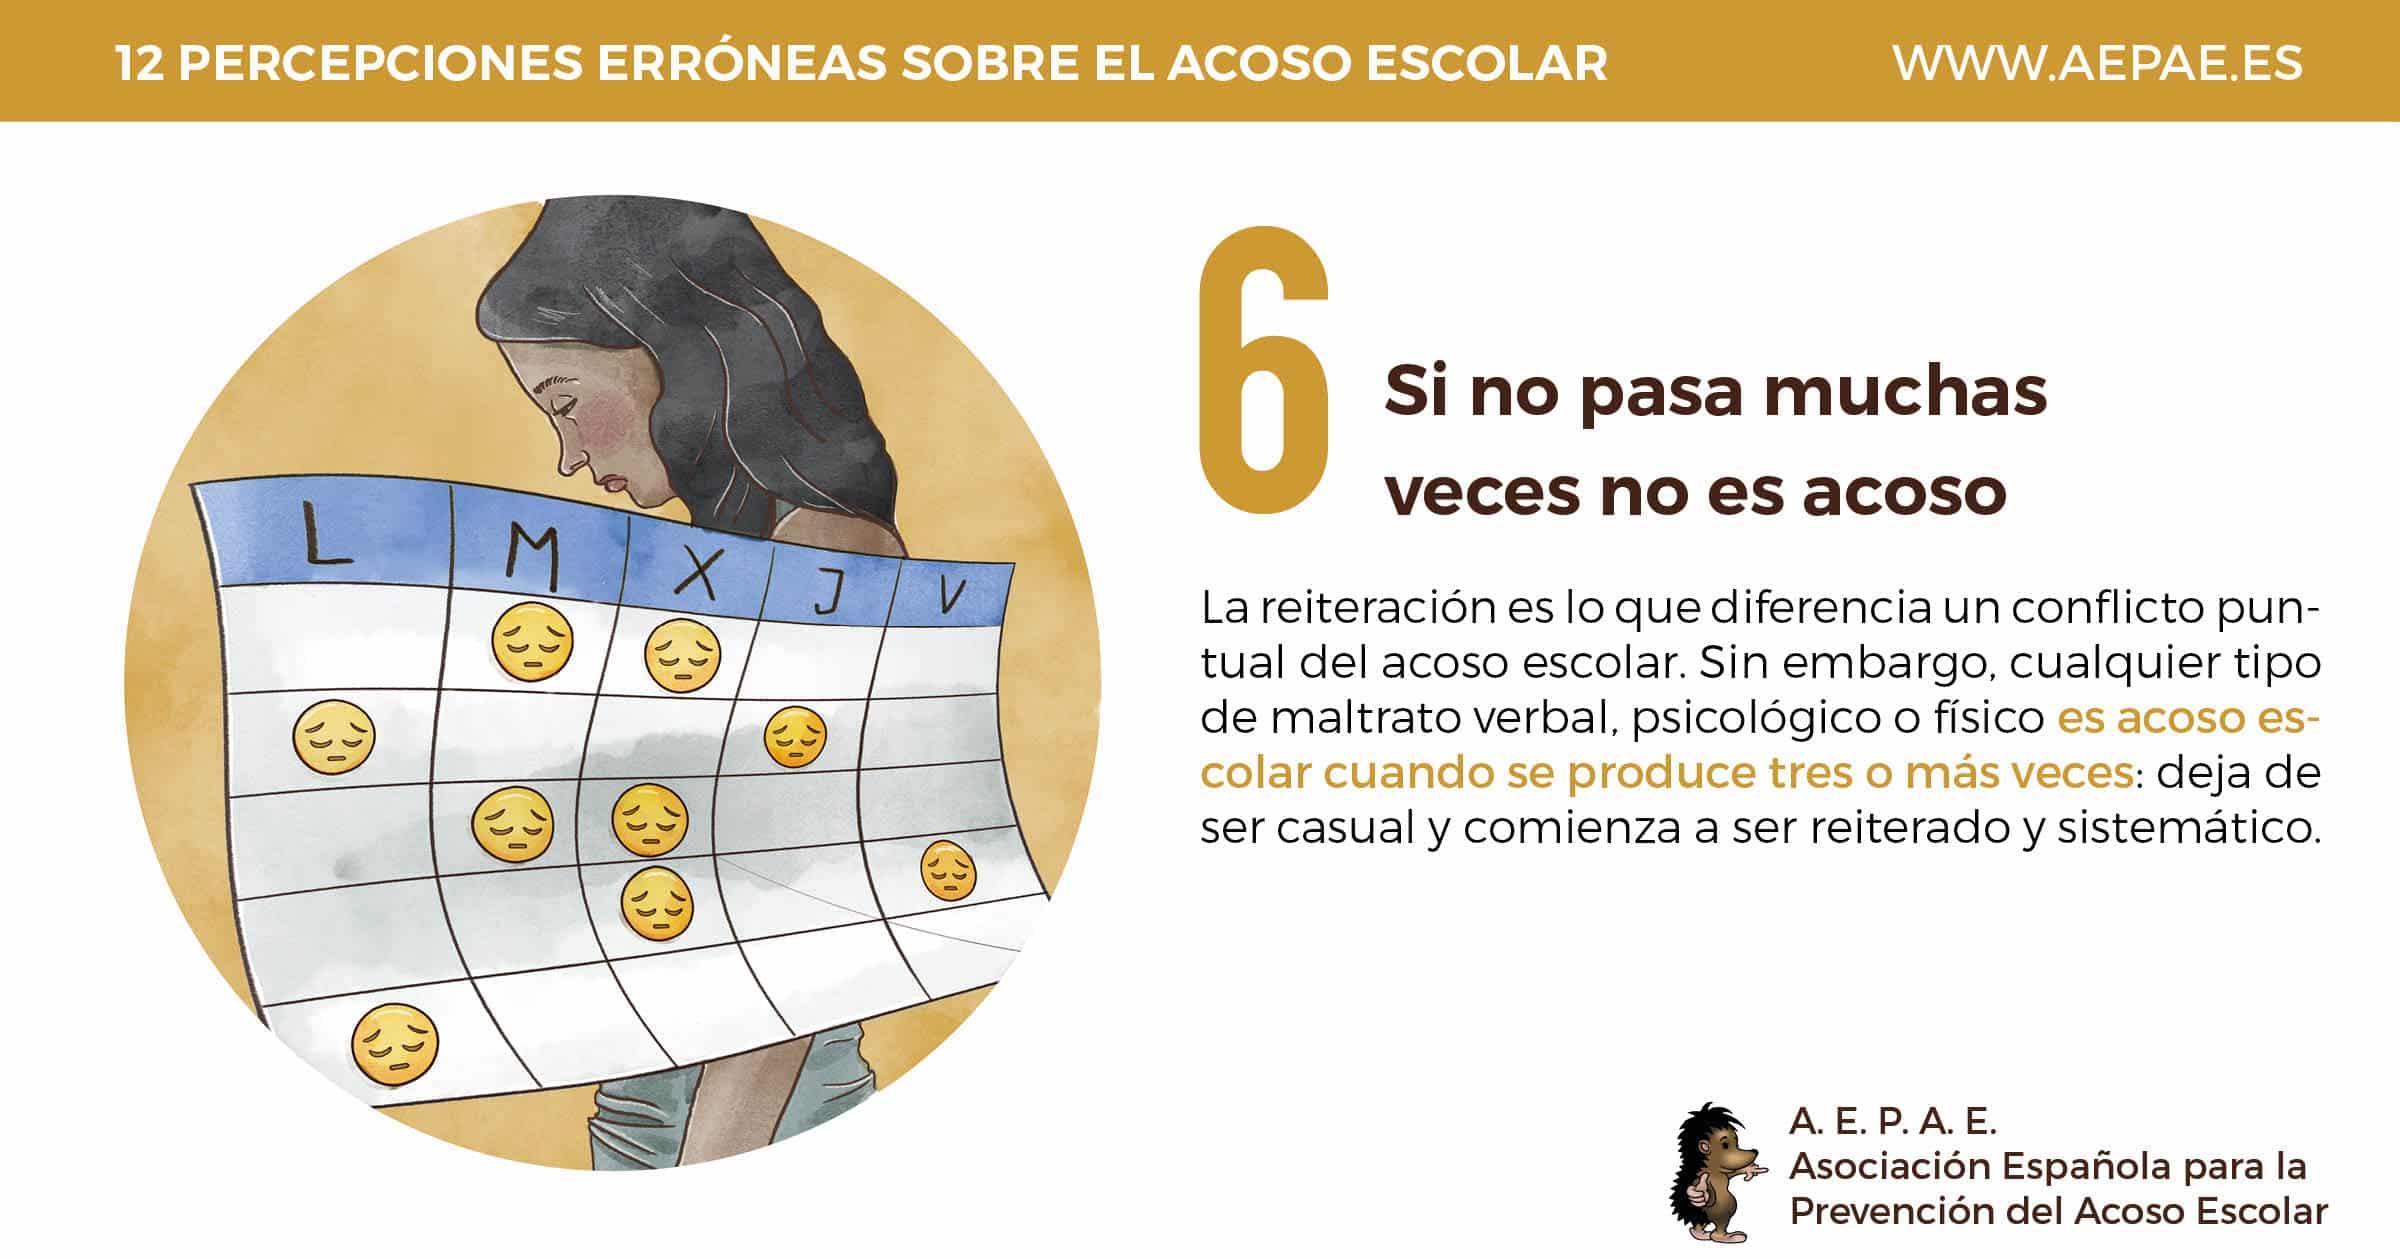 AEPAE | Campaña 2017-2018: Percepción errónea 3